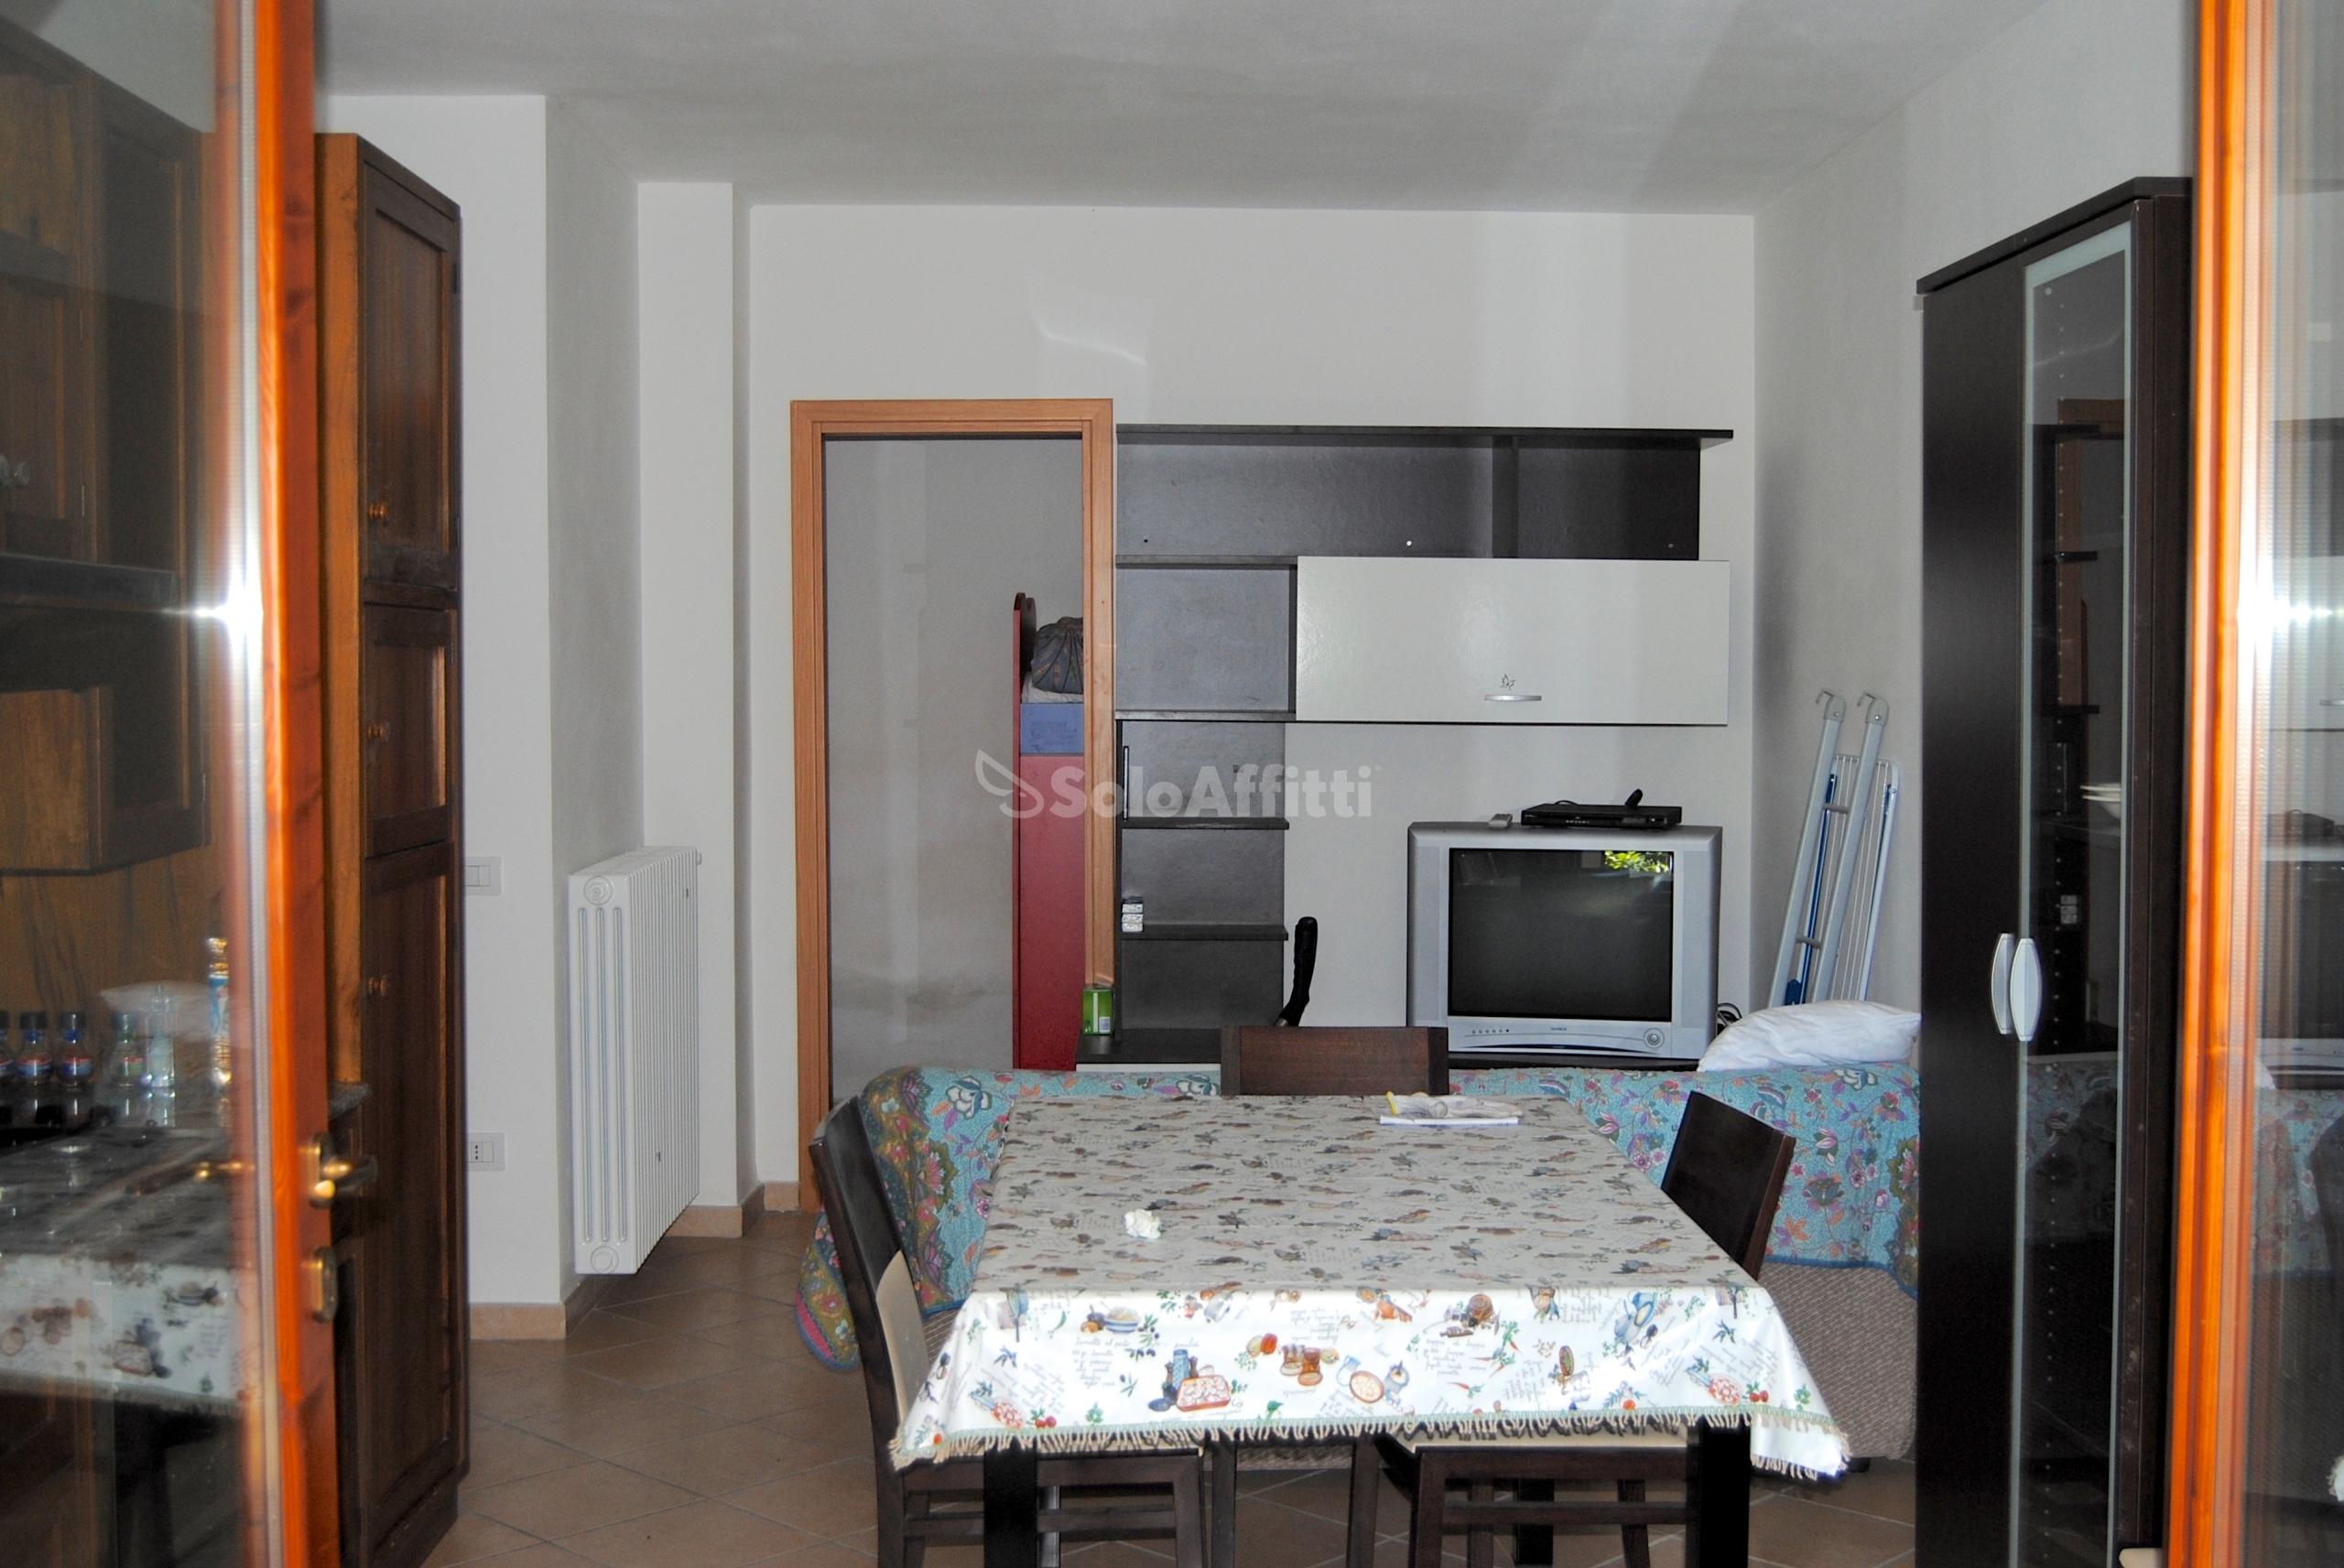 Affitto appartamento trilocale arredato for Affitti badia polesine arredato